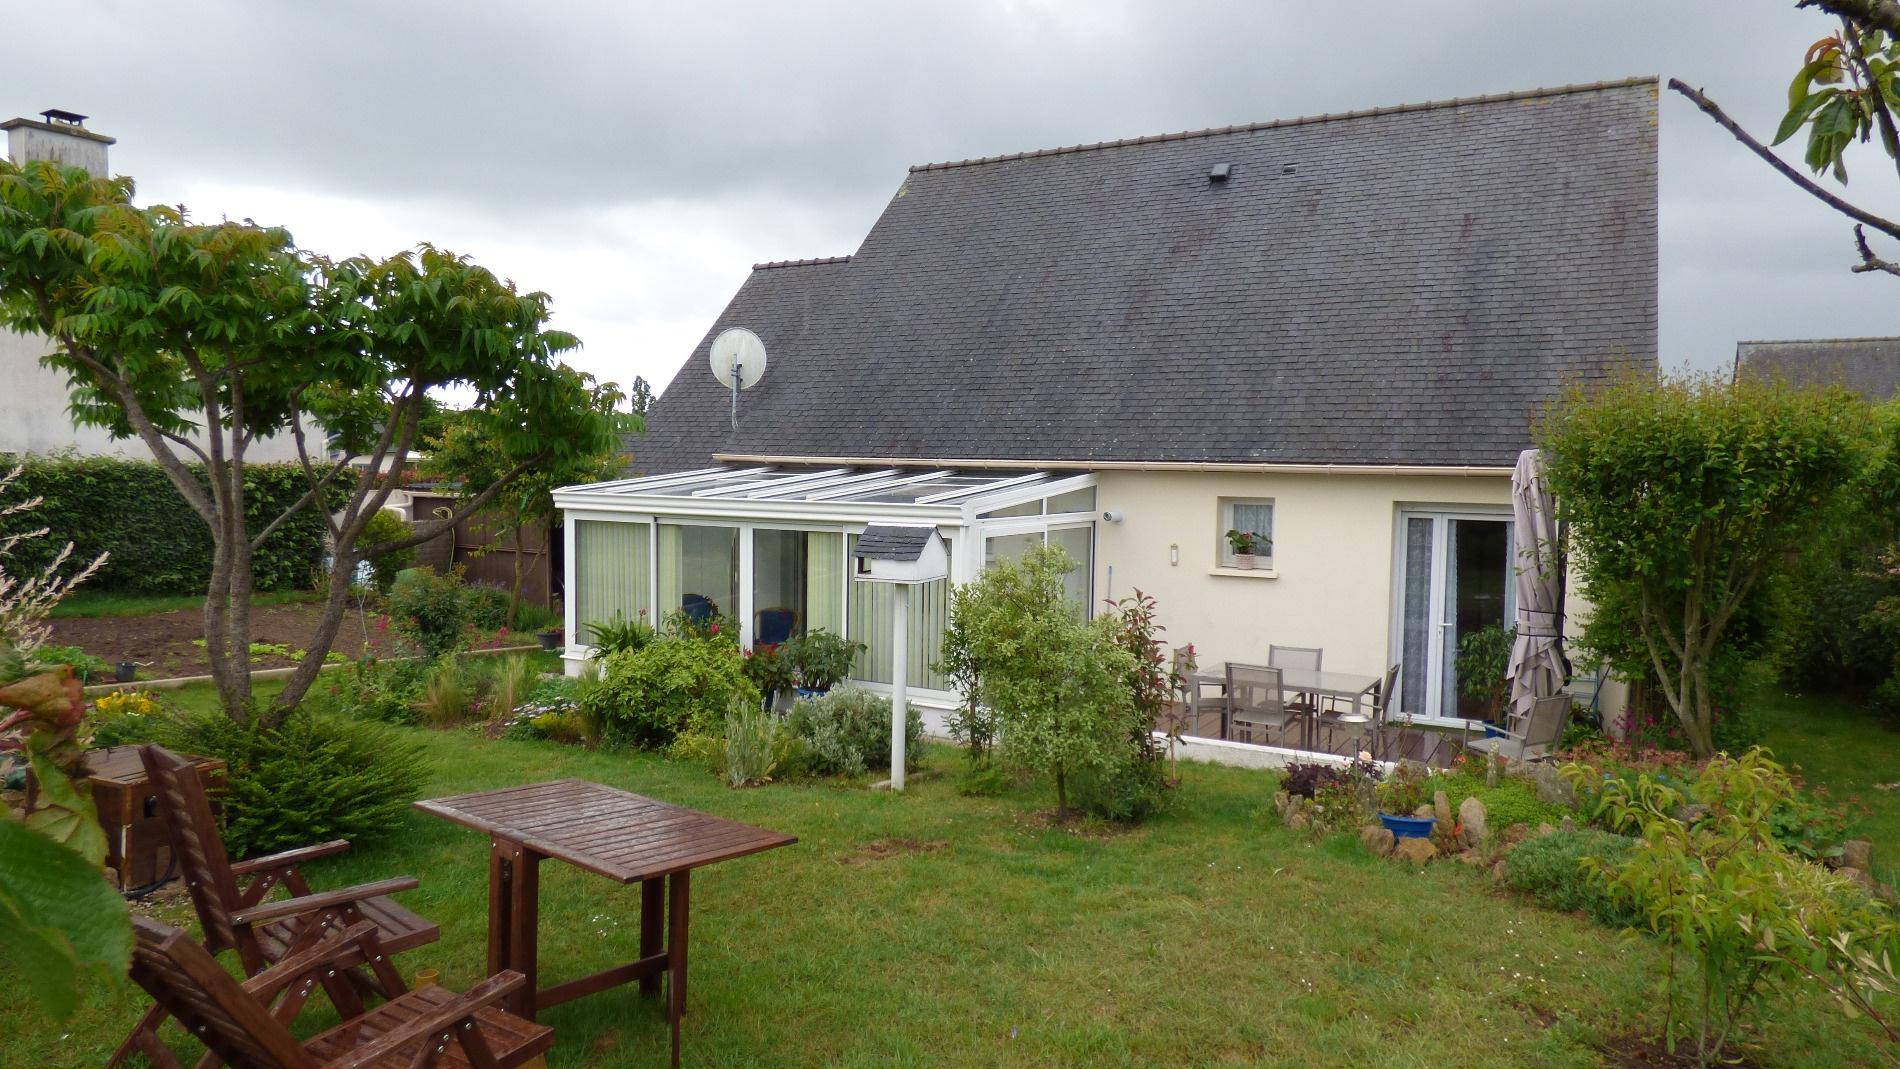 Offres de vente Maison La Trinité-Surzur (56190)